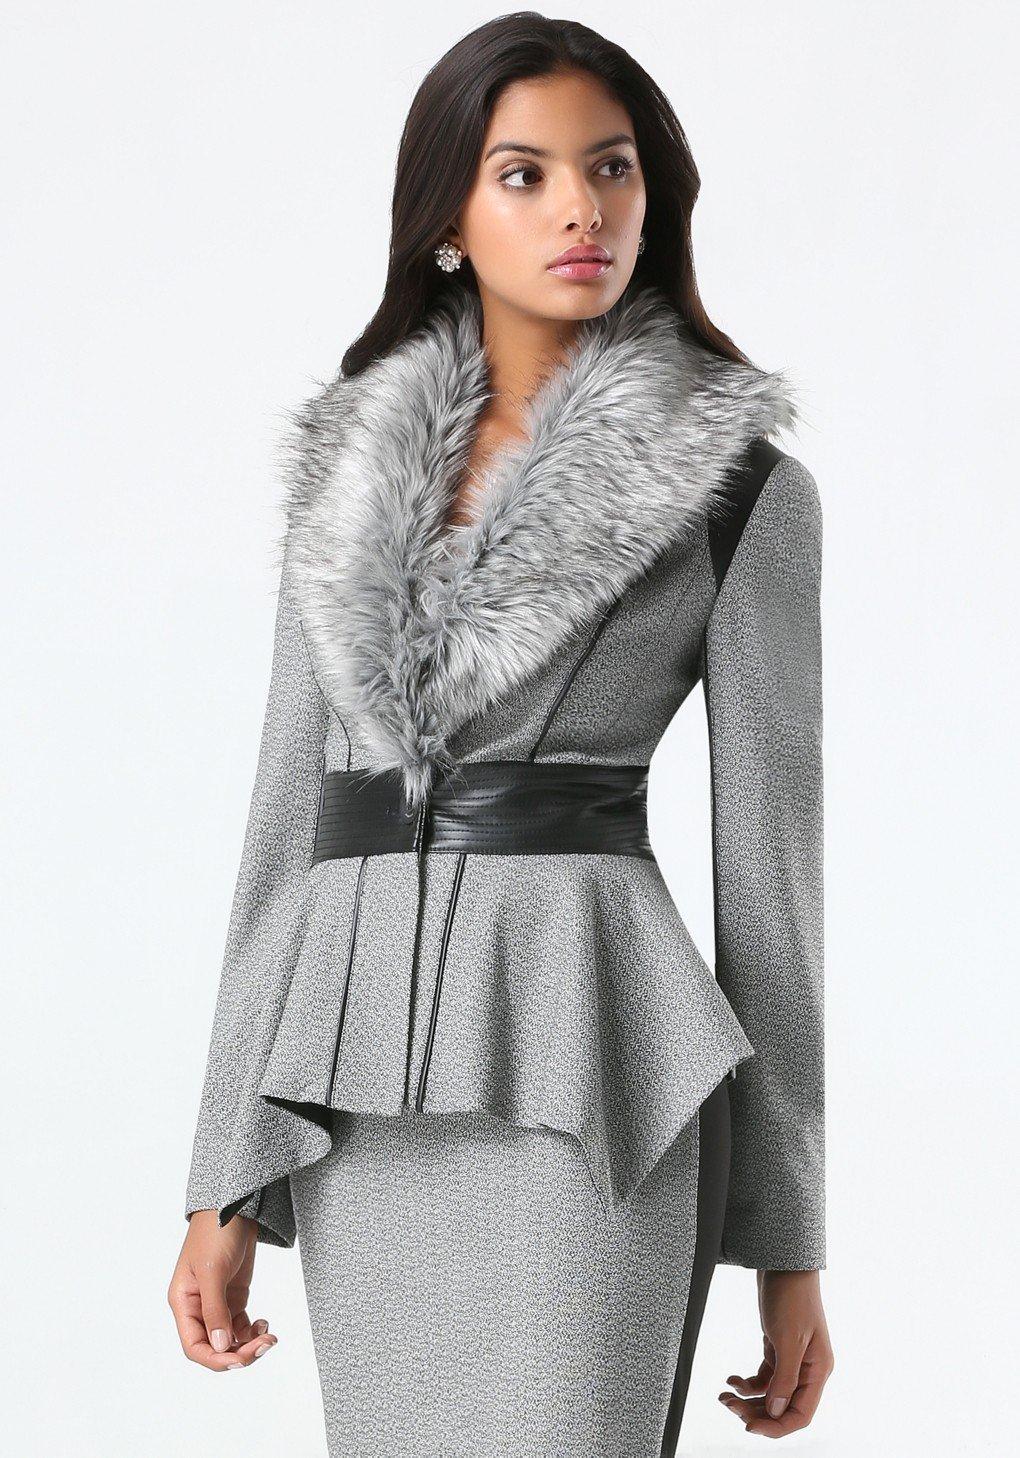 стильный образ весна 2019: серый пиджак с меховым воротником повседневный